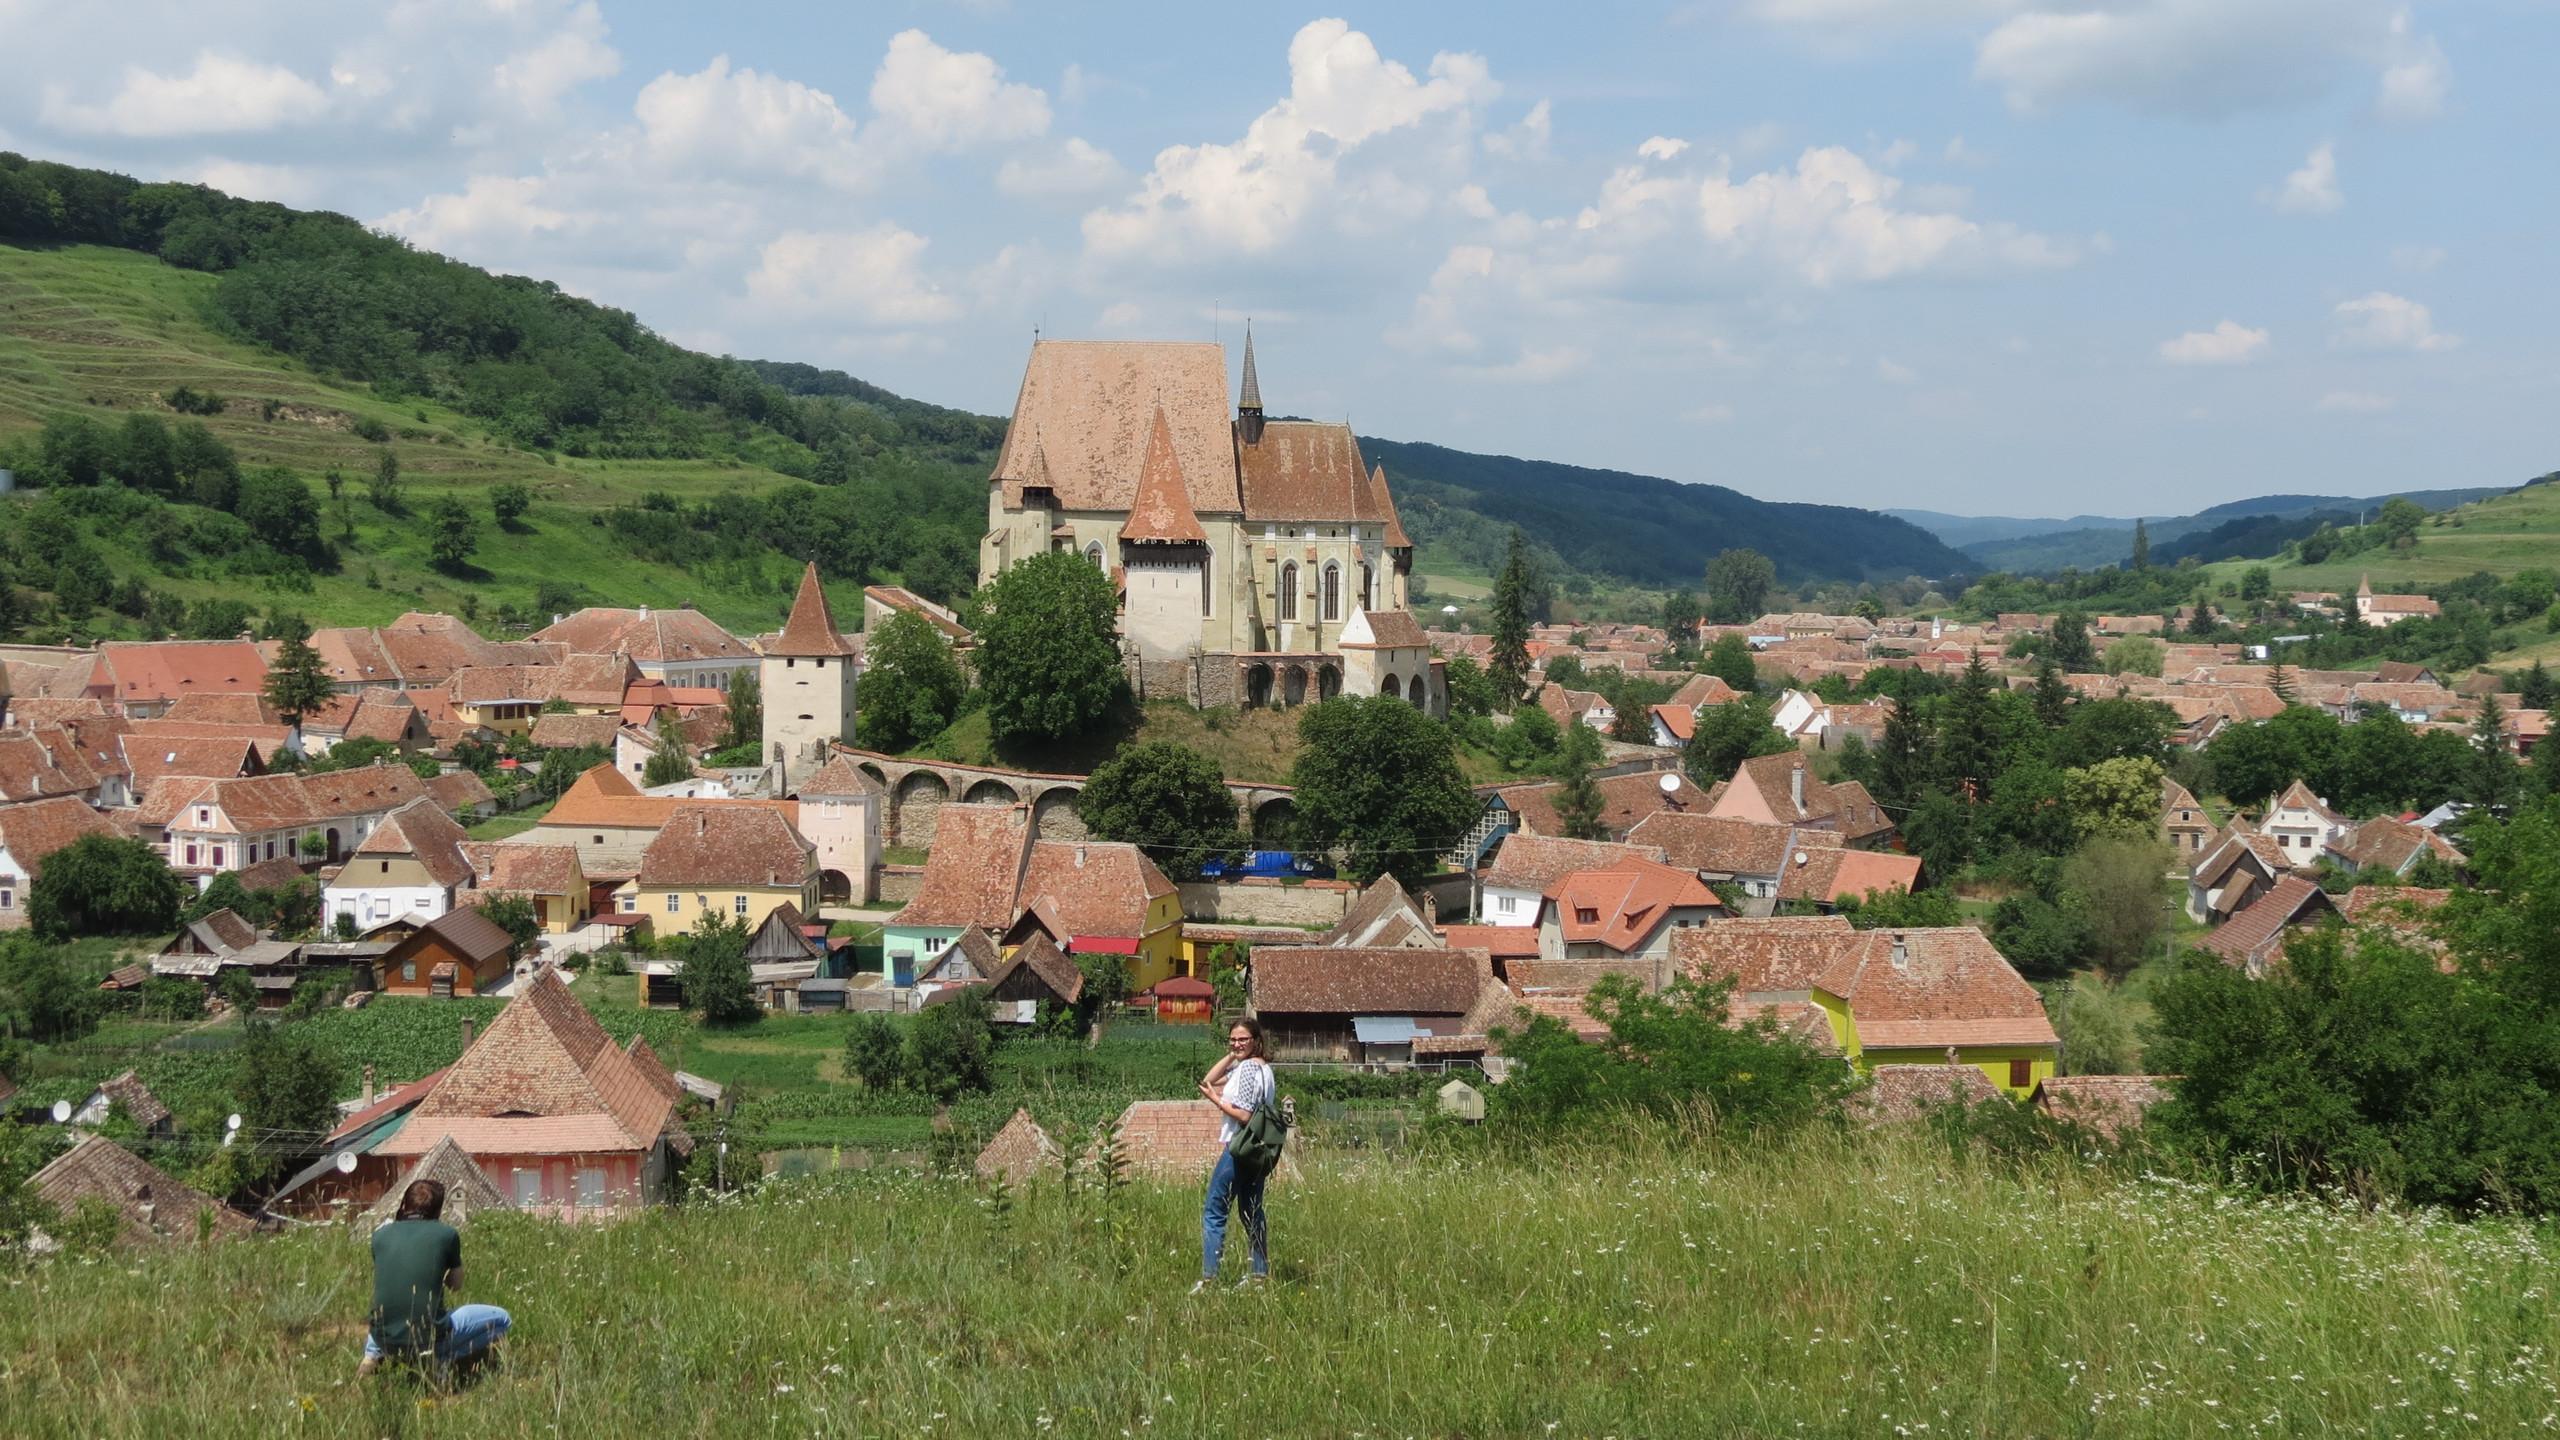 029 - Biertan fortified church